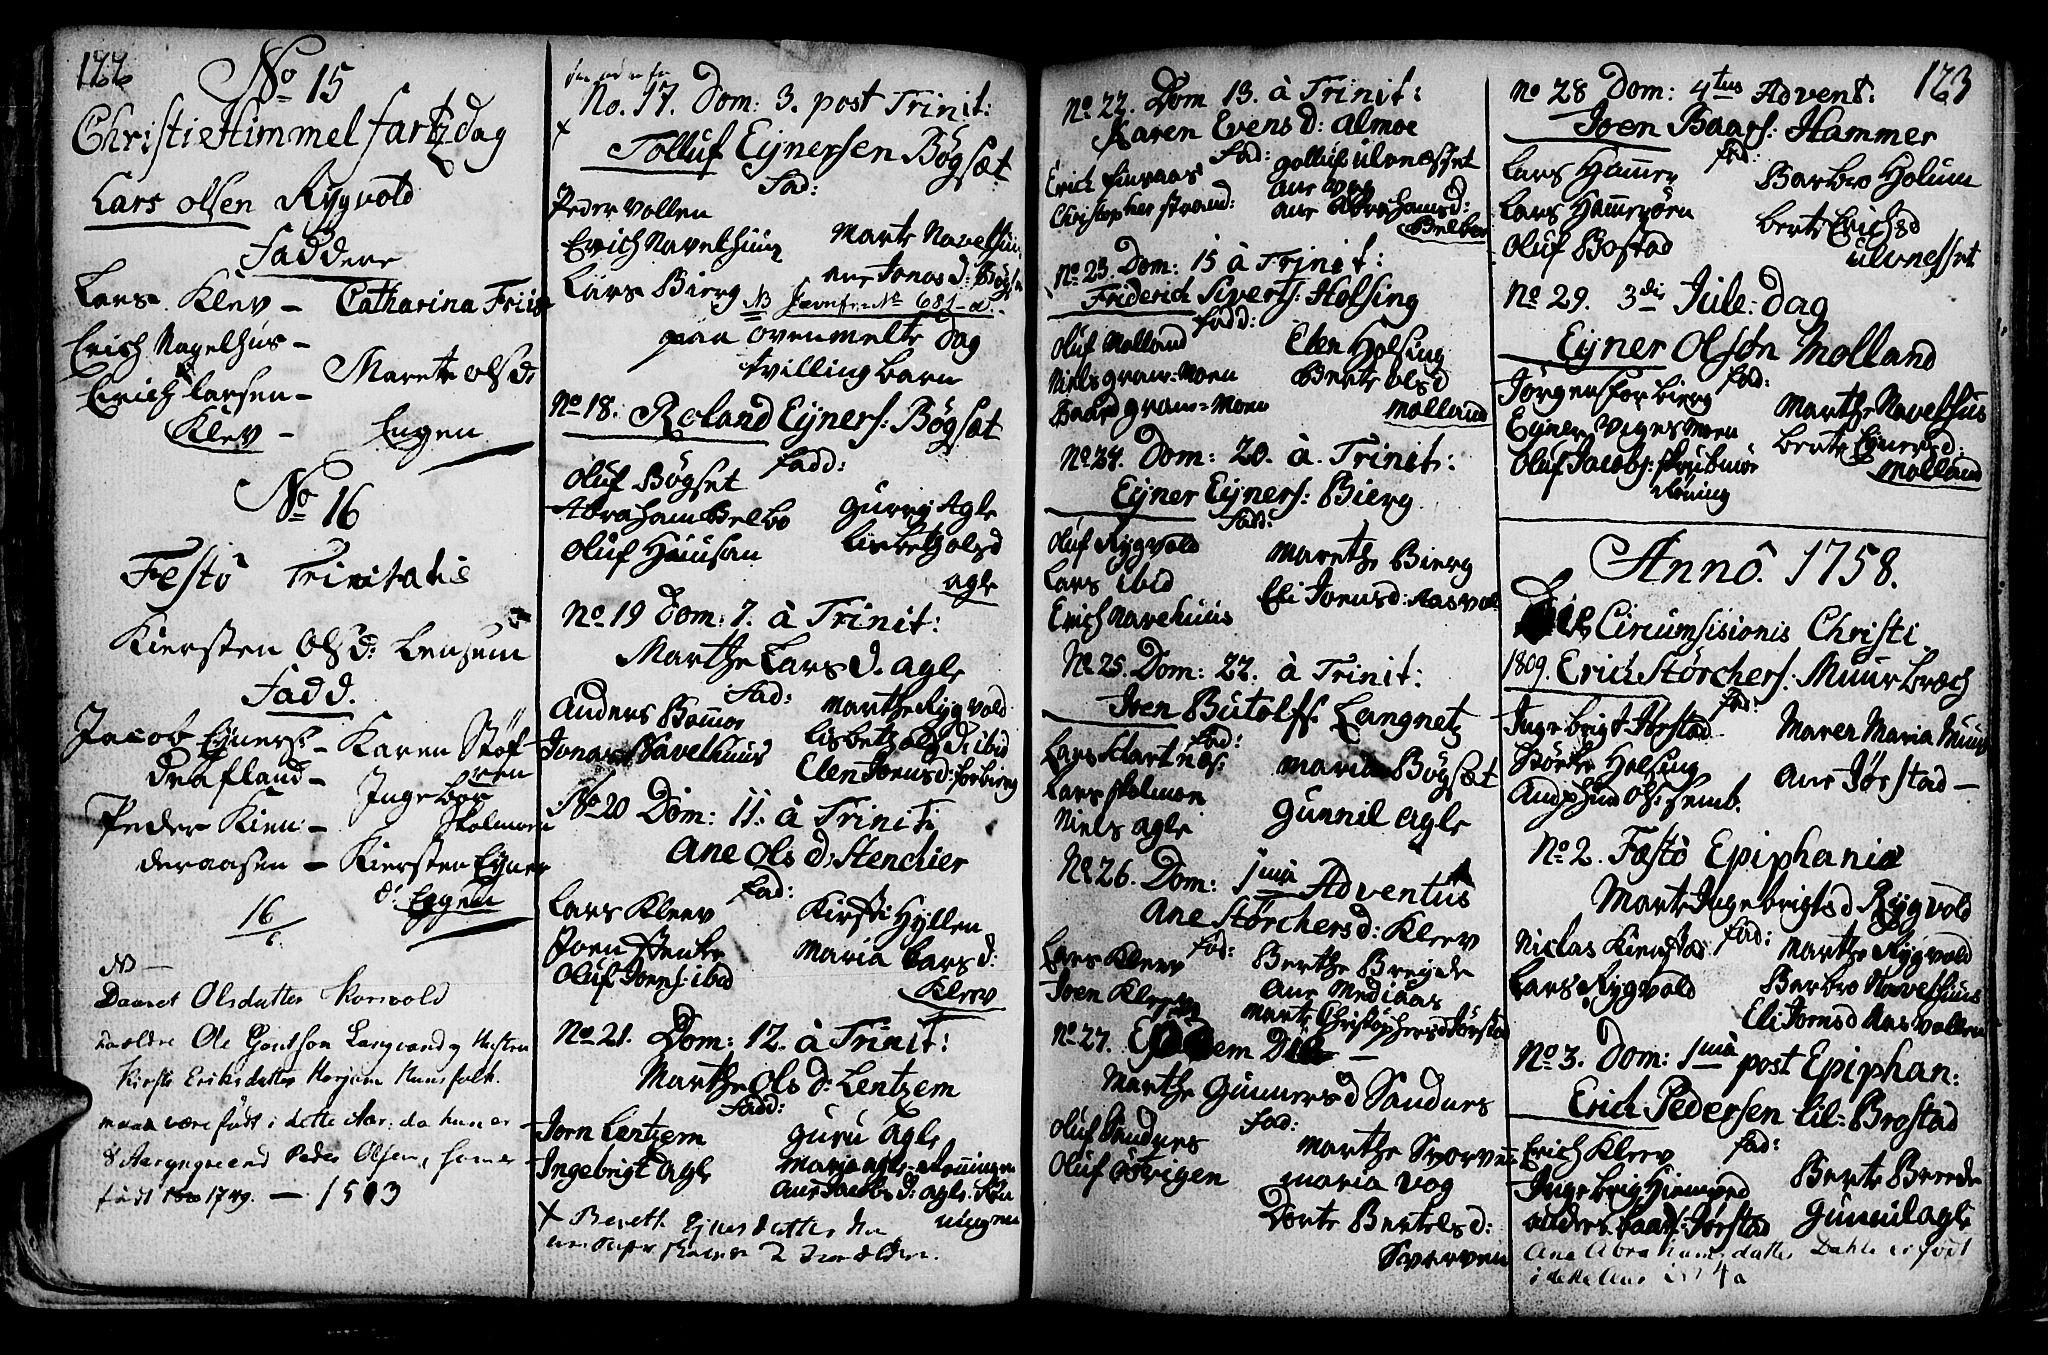 SAT, Ministerialprotokoller, klokkerbøker og fødselsregistre - Nord-Trøndelag, 749/L0467: Ministerialbok nr. 749A01, 1733-1787, s. 122-123